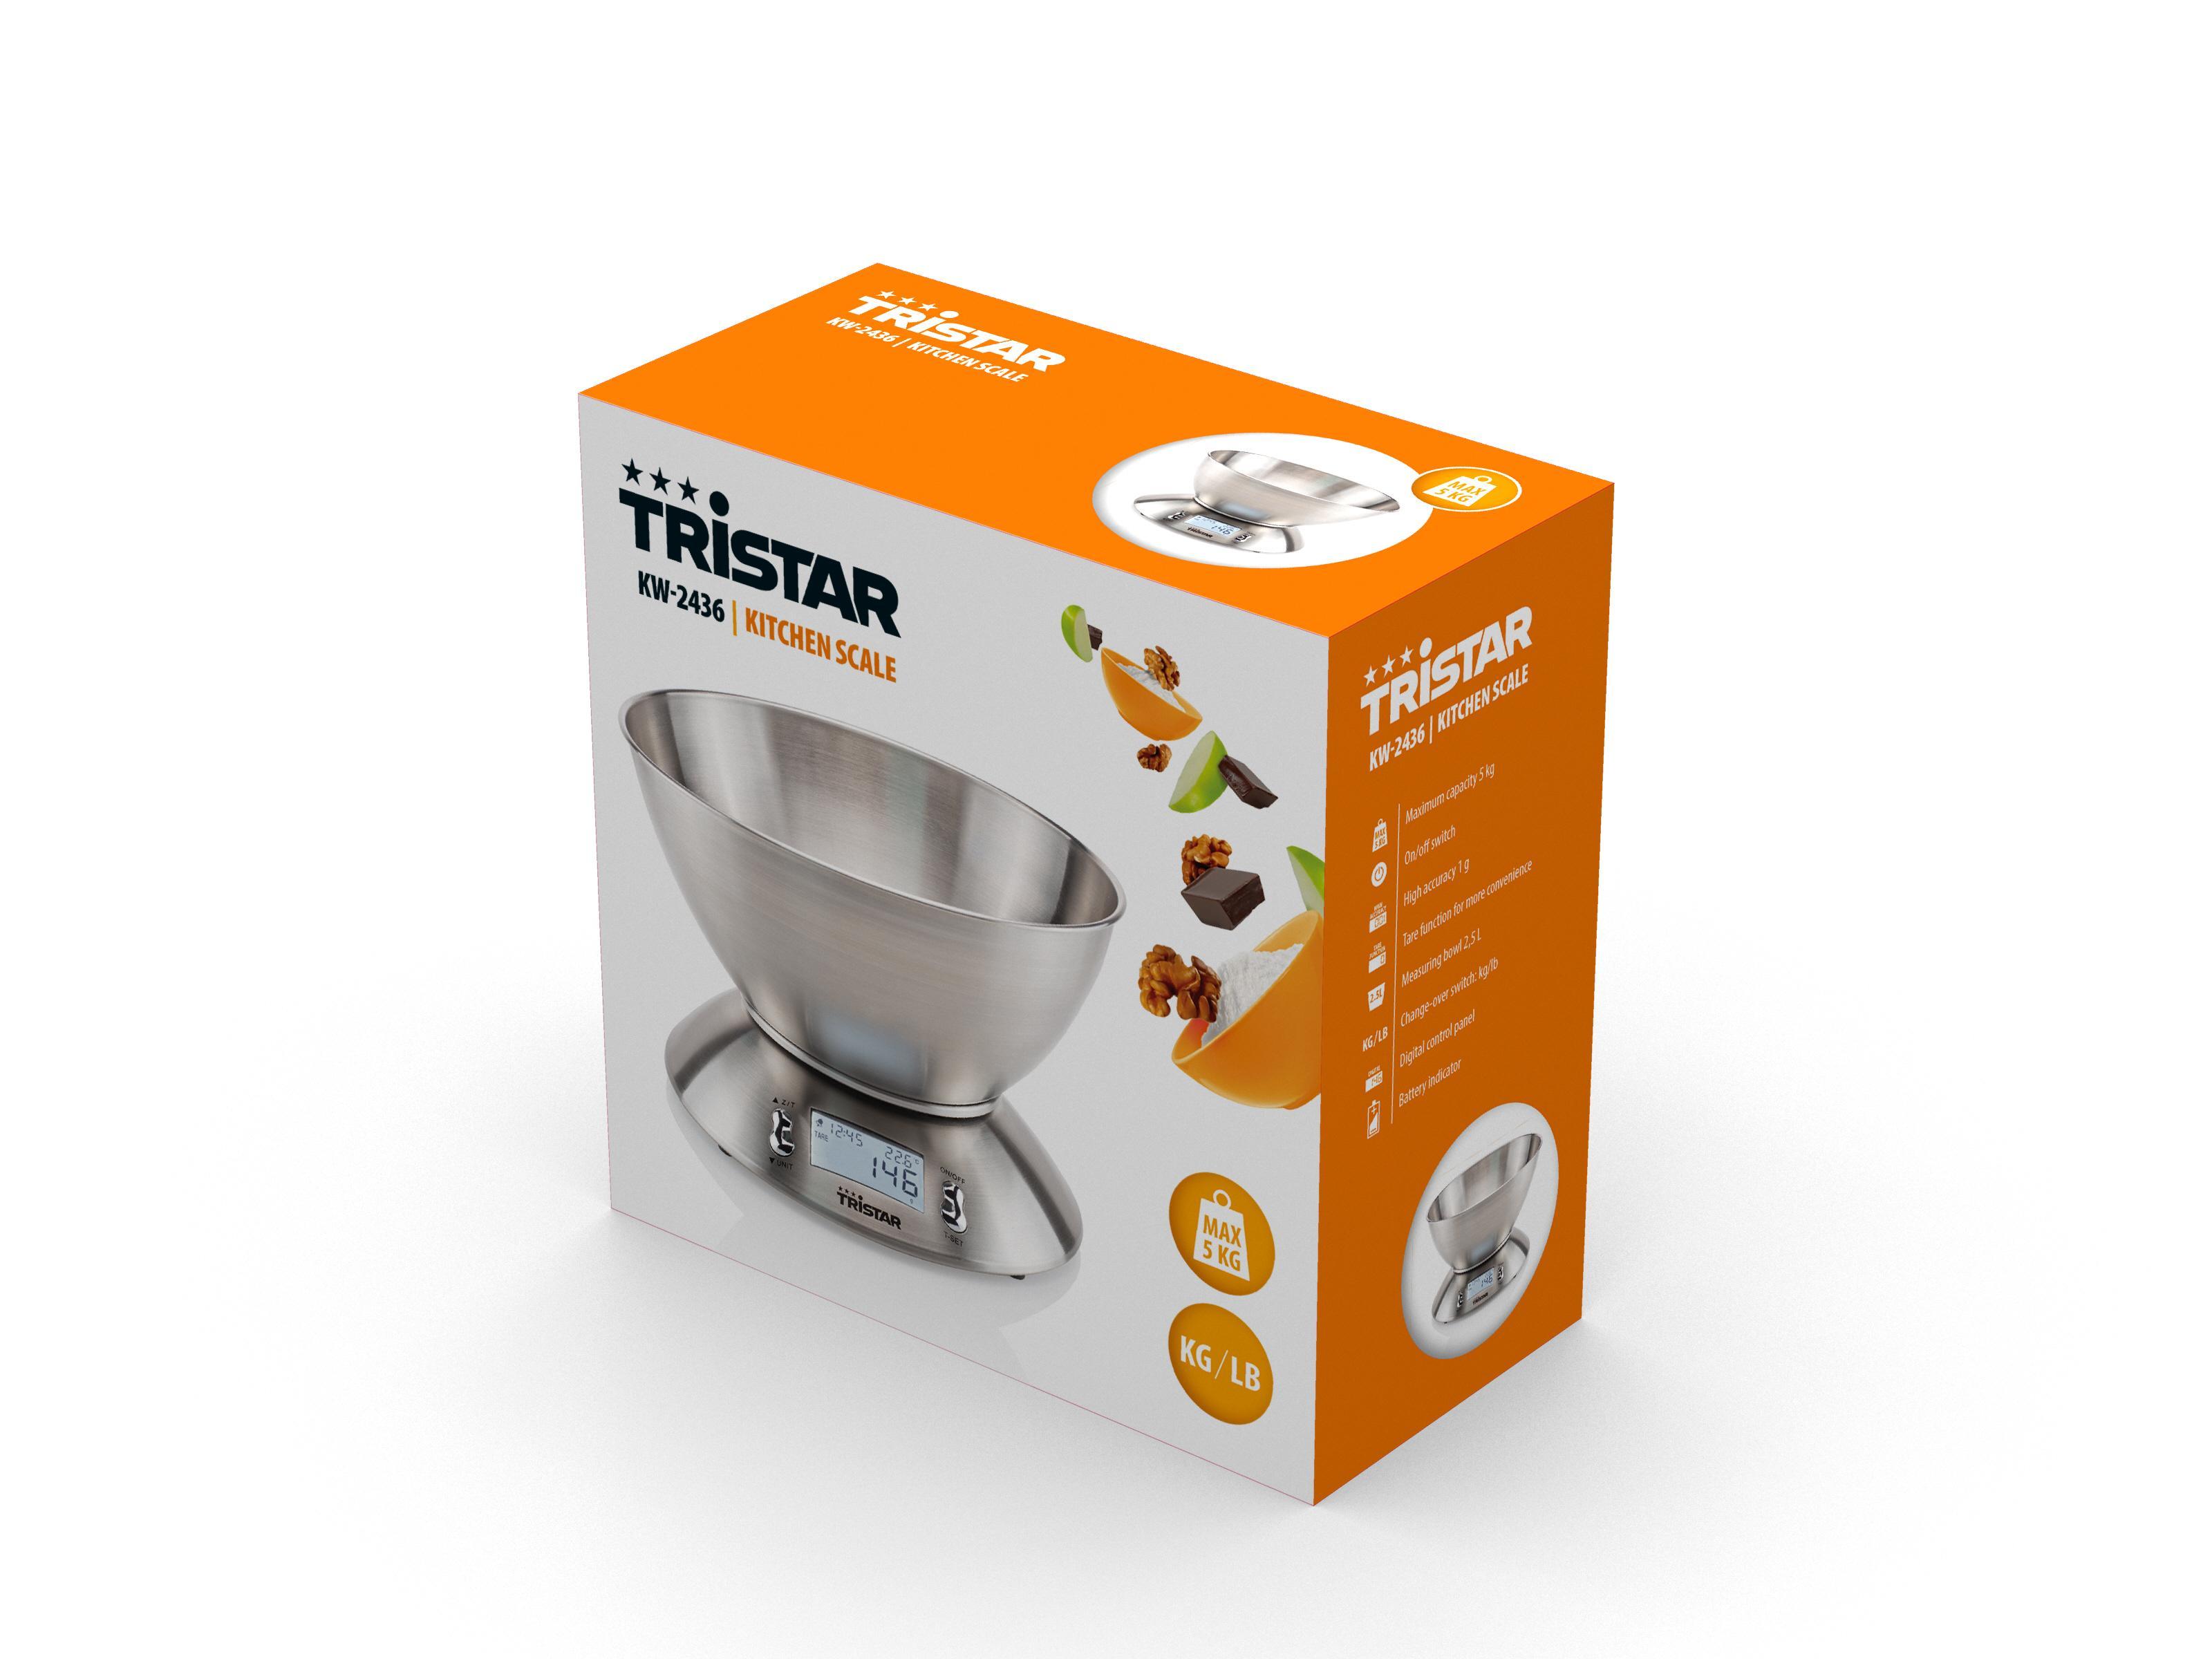 Especialmente cuando se trata de hornear, es esencial pesar todos los ingredientes por gramo. La balanza de cocina digital Tristar KW-2436 es la báscula ...